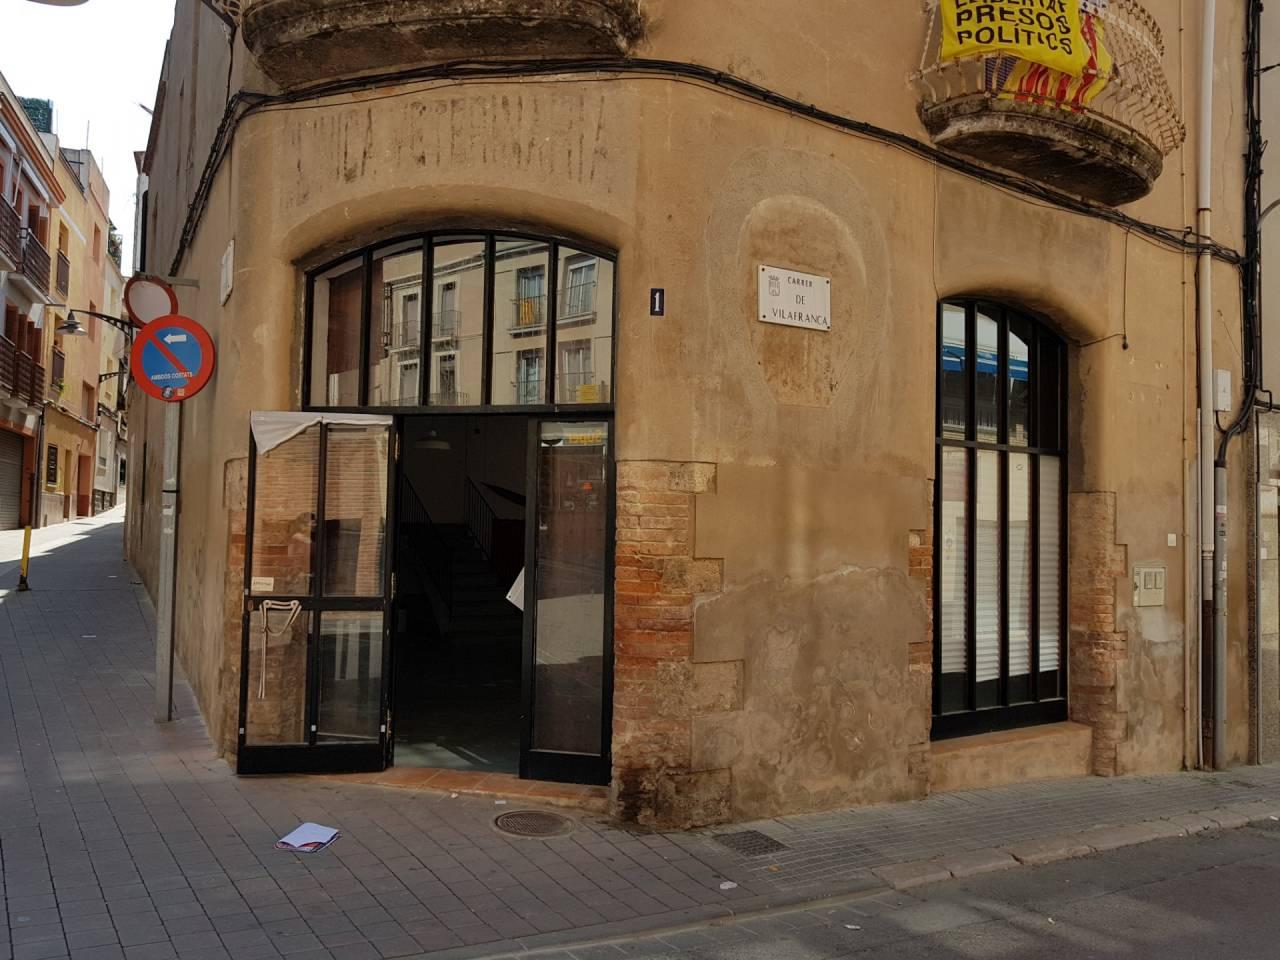 Lloguer Local Comercial  Calle vilafranca. Finques pardas - si quiere alquilar un local en el centro de san